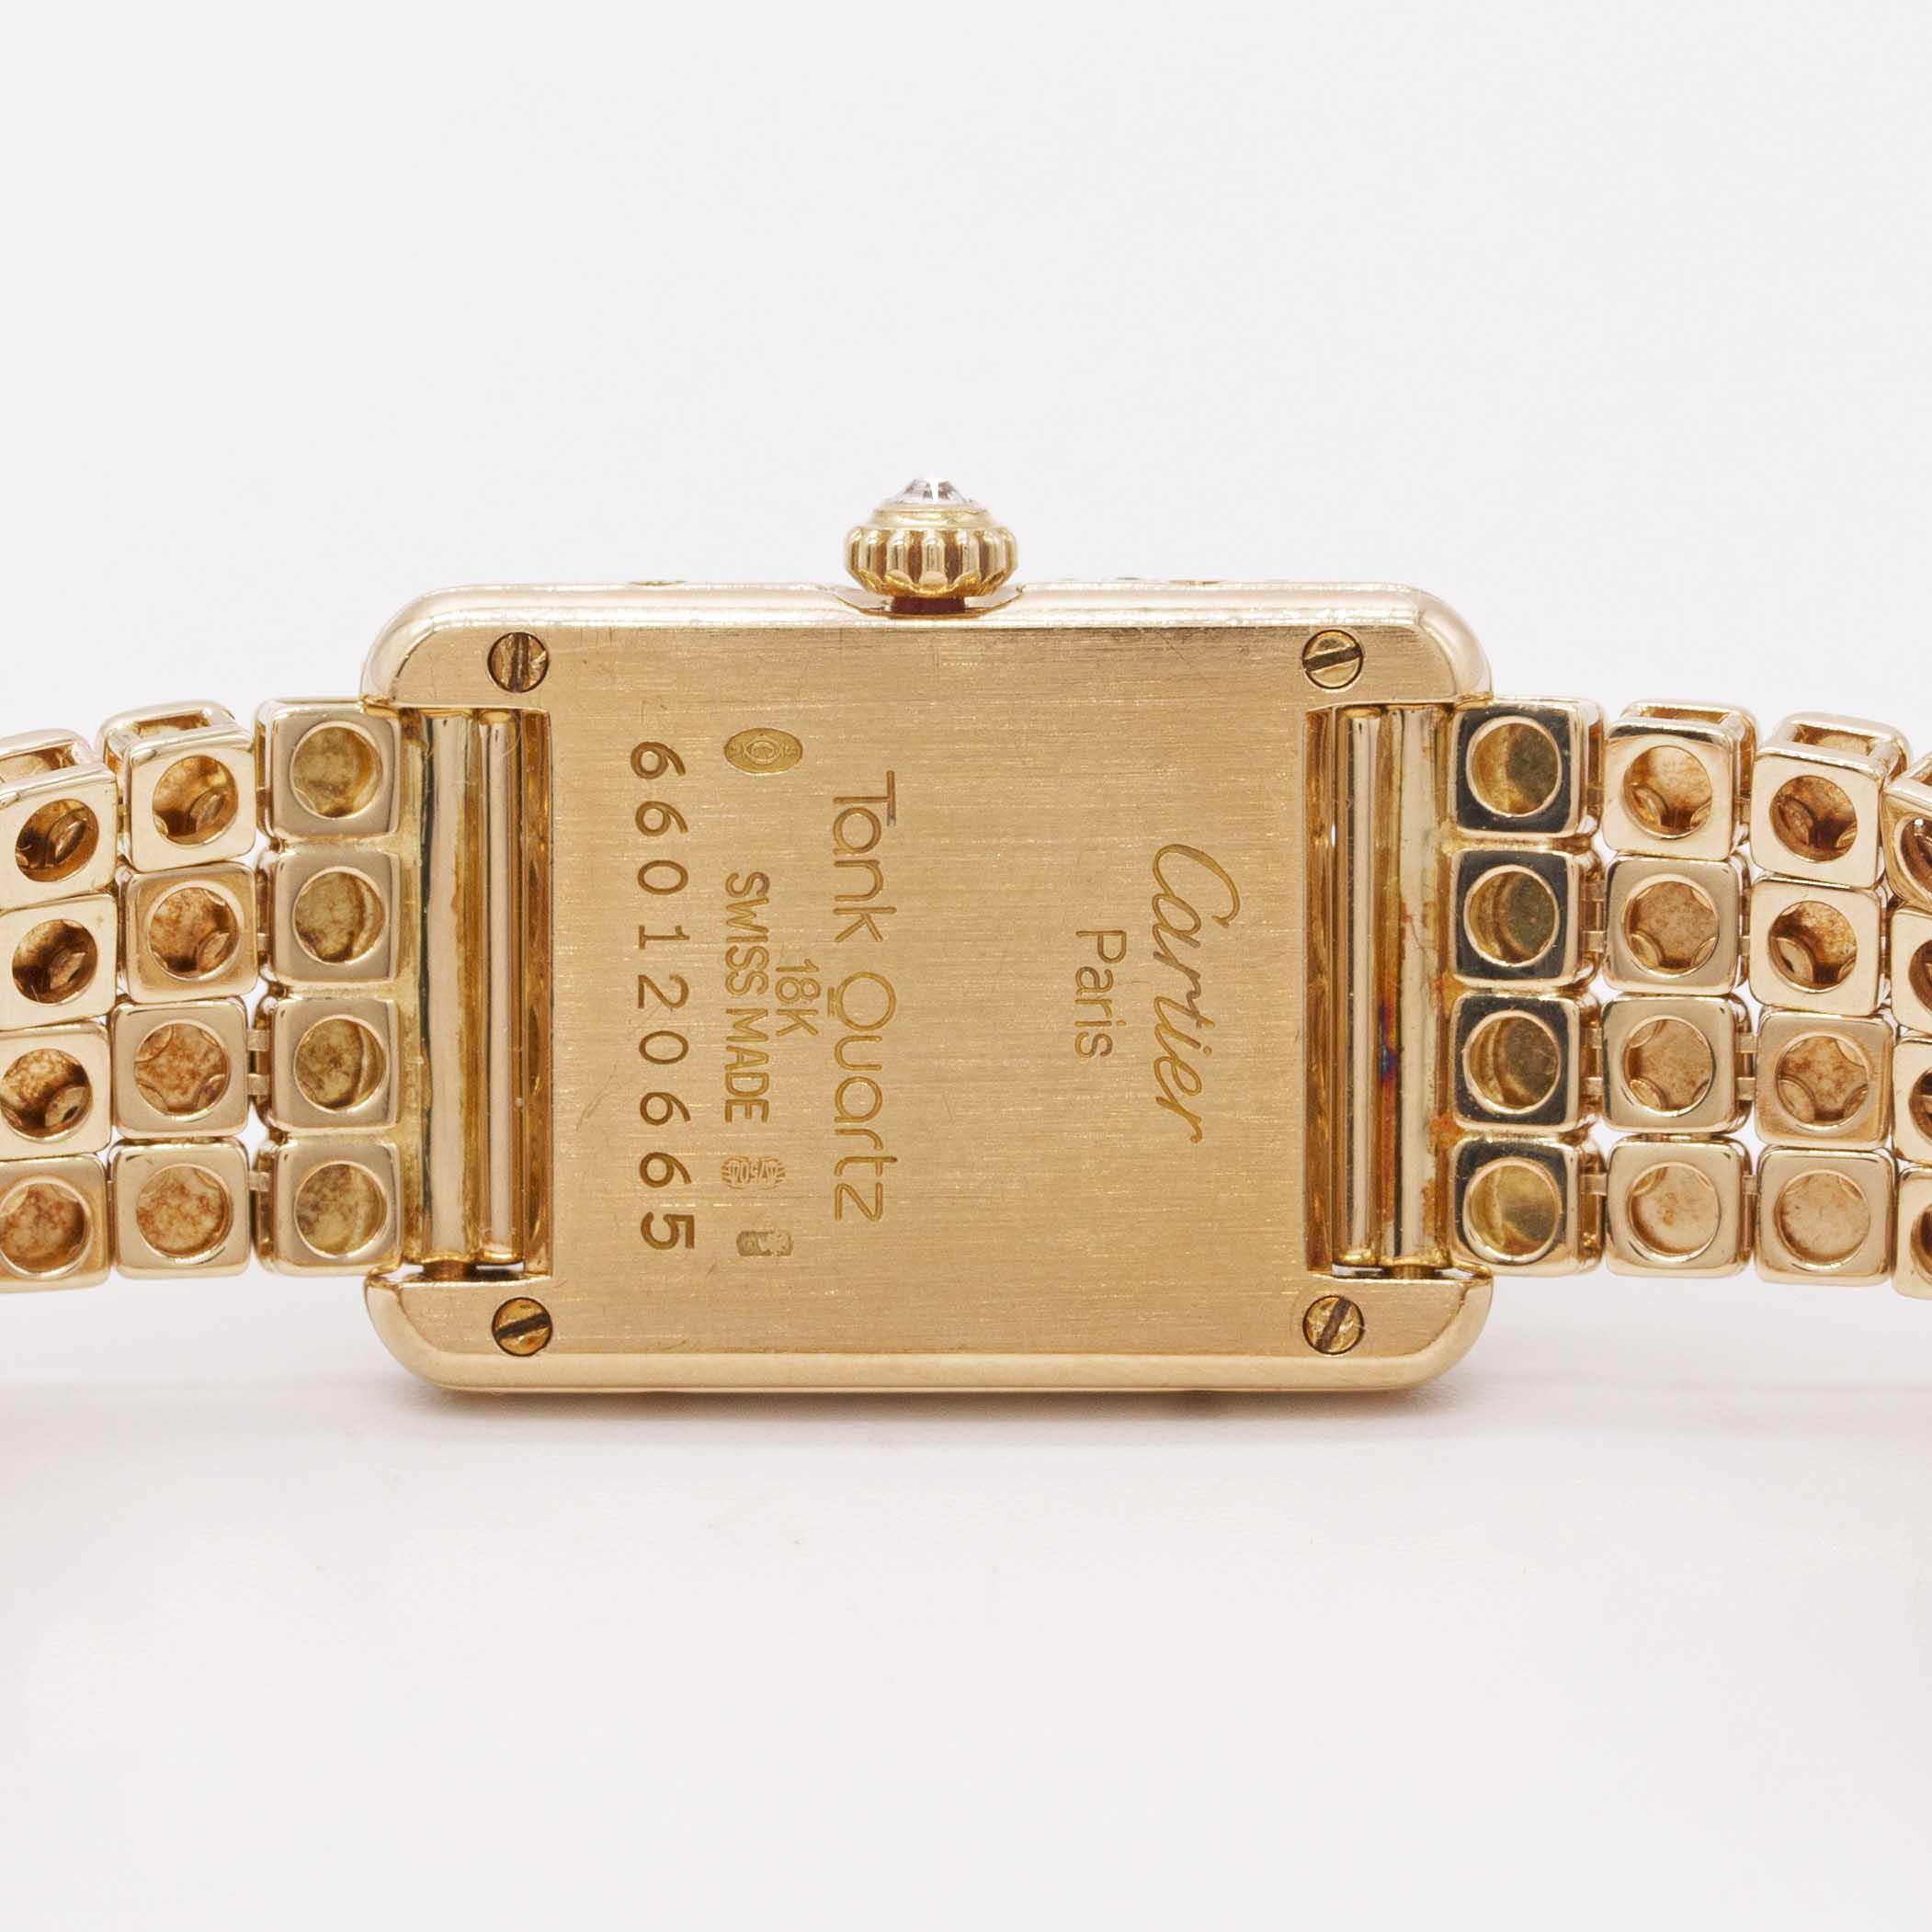 Lot 10 - A LADIES 18K SOLID GOLD CARTIER TANK BRACELET WATCH CIRCA 1990s Movement:Quartz, signed Cartier.